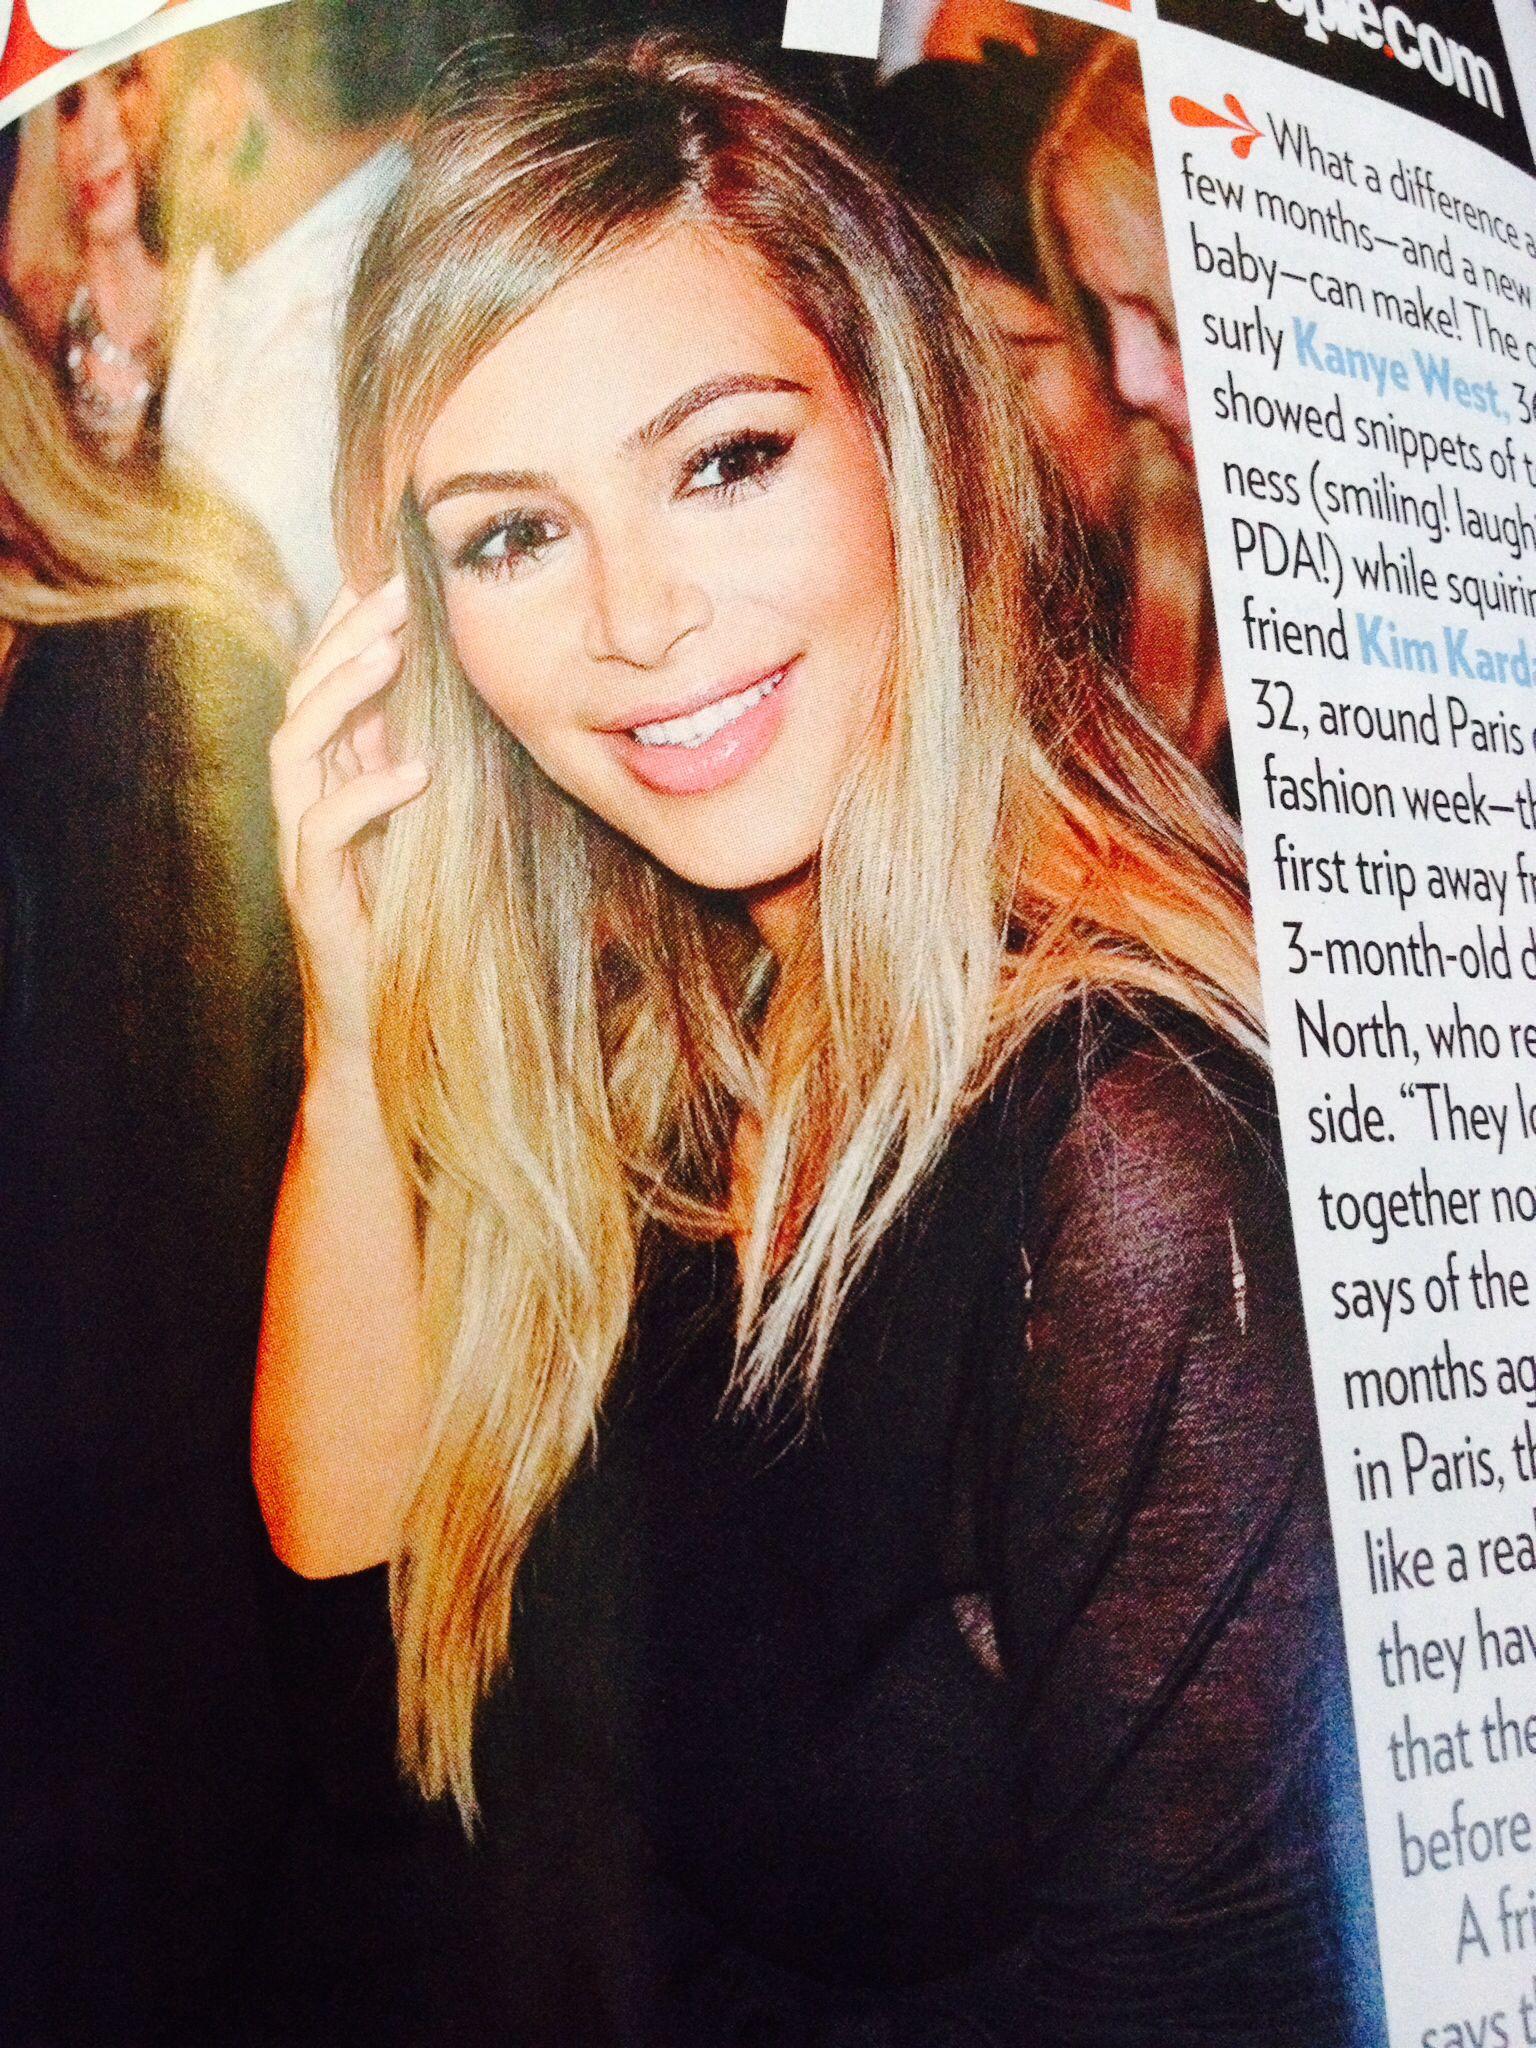 Kim kardashians blonde hair